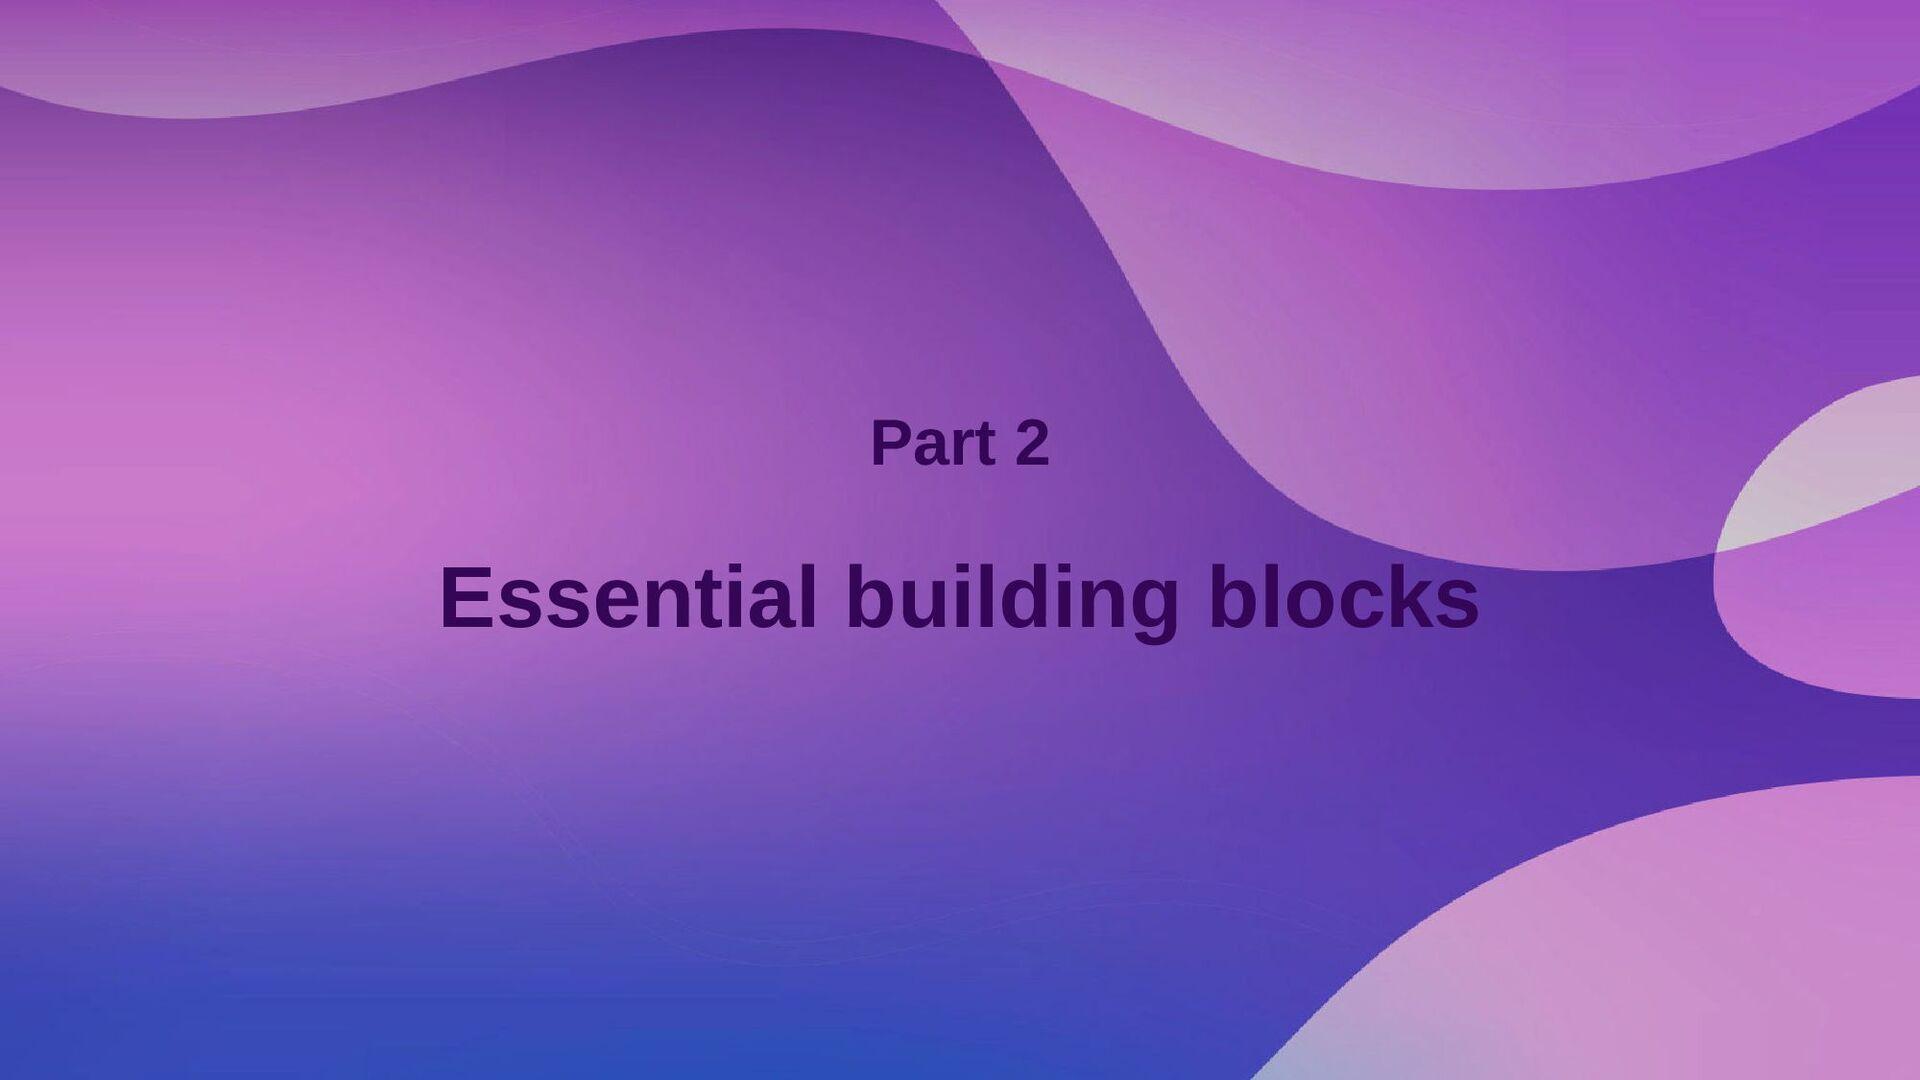 Part 2 Essential building blocks